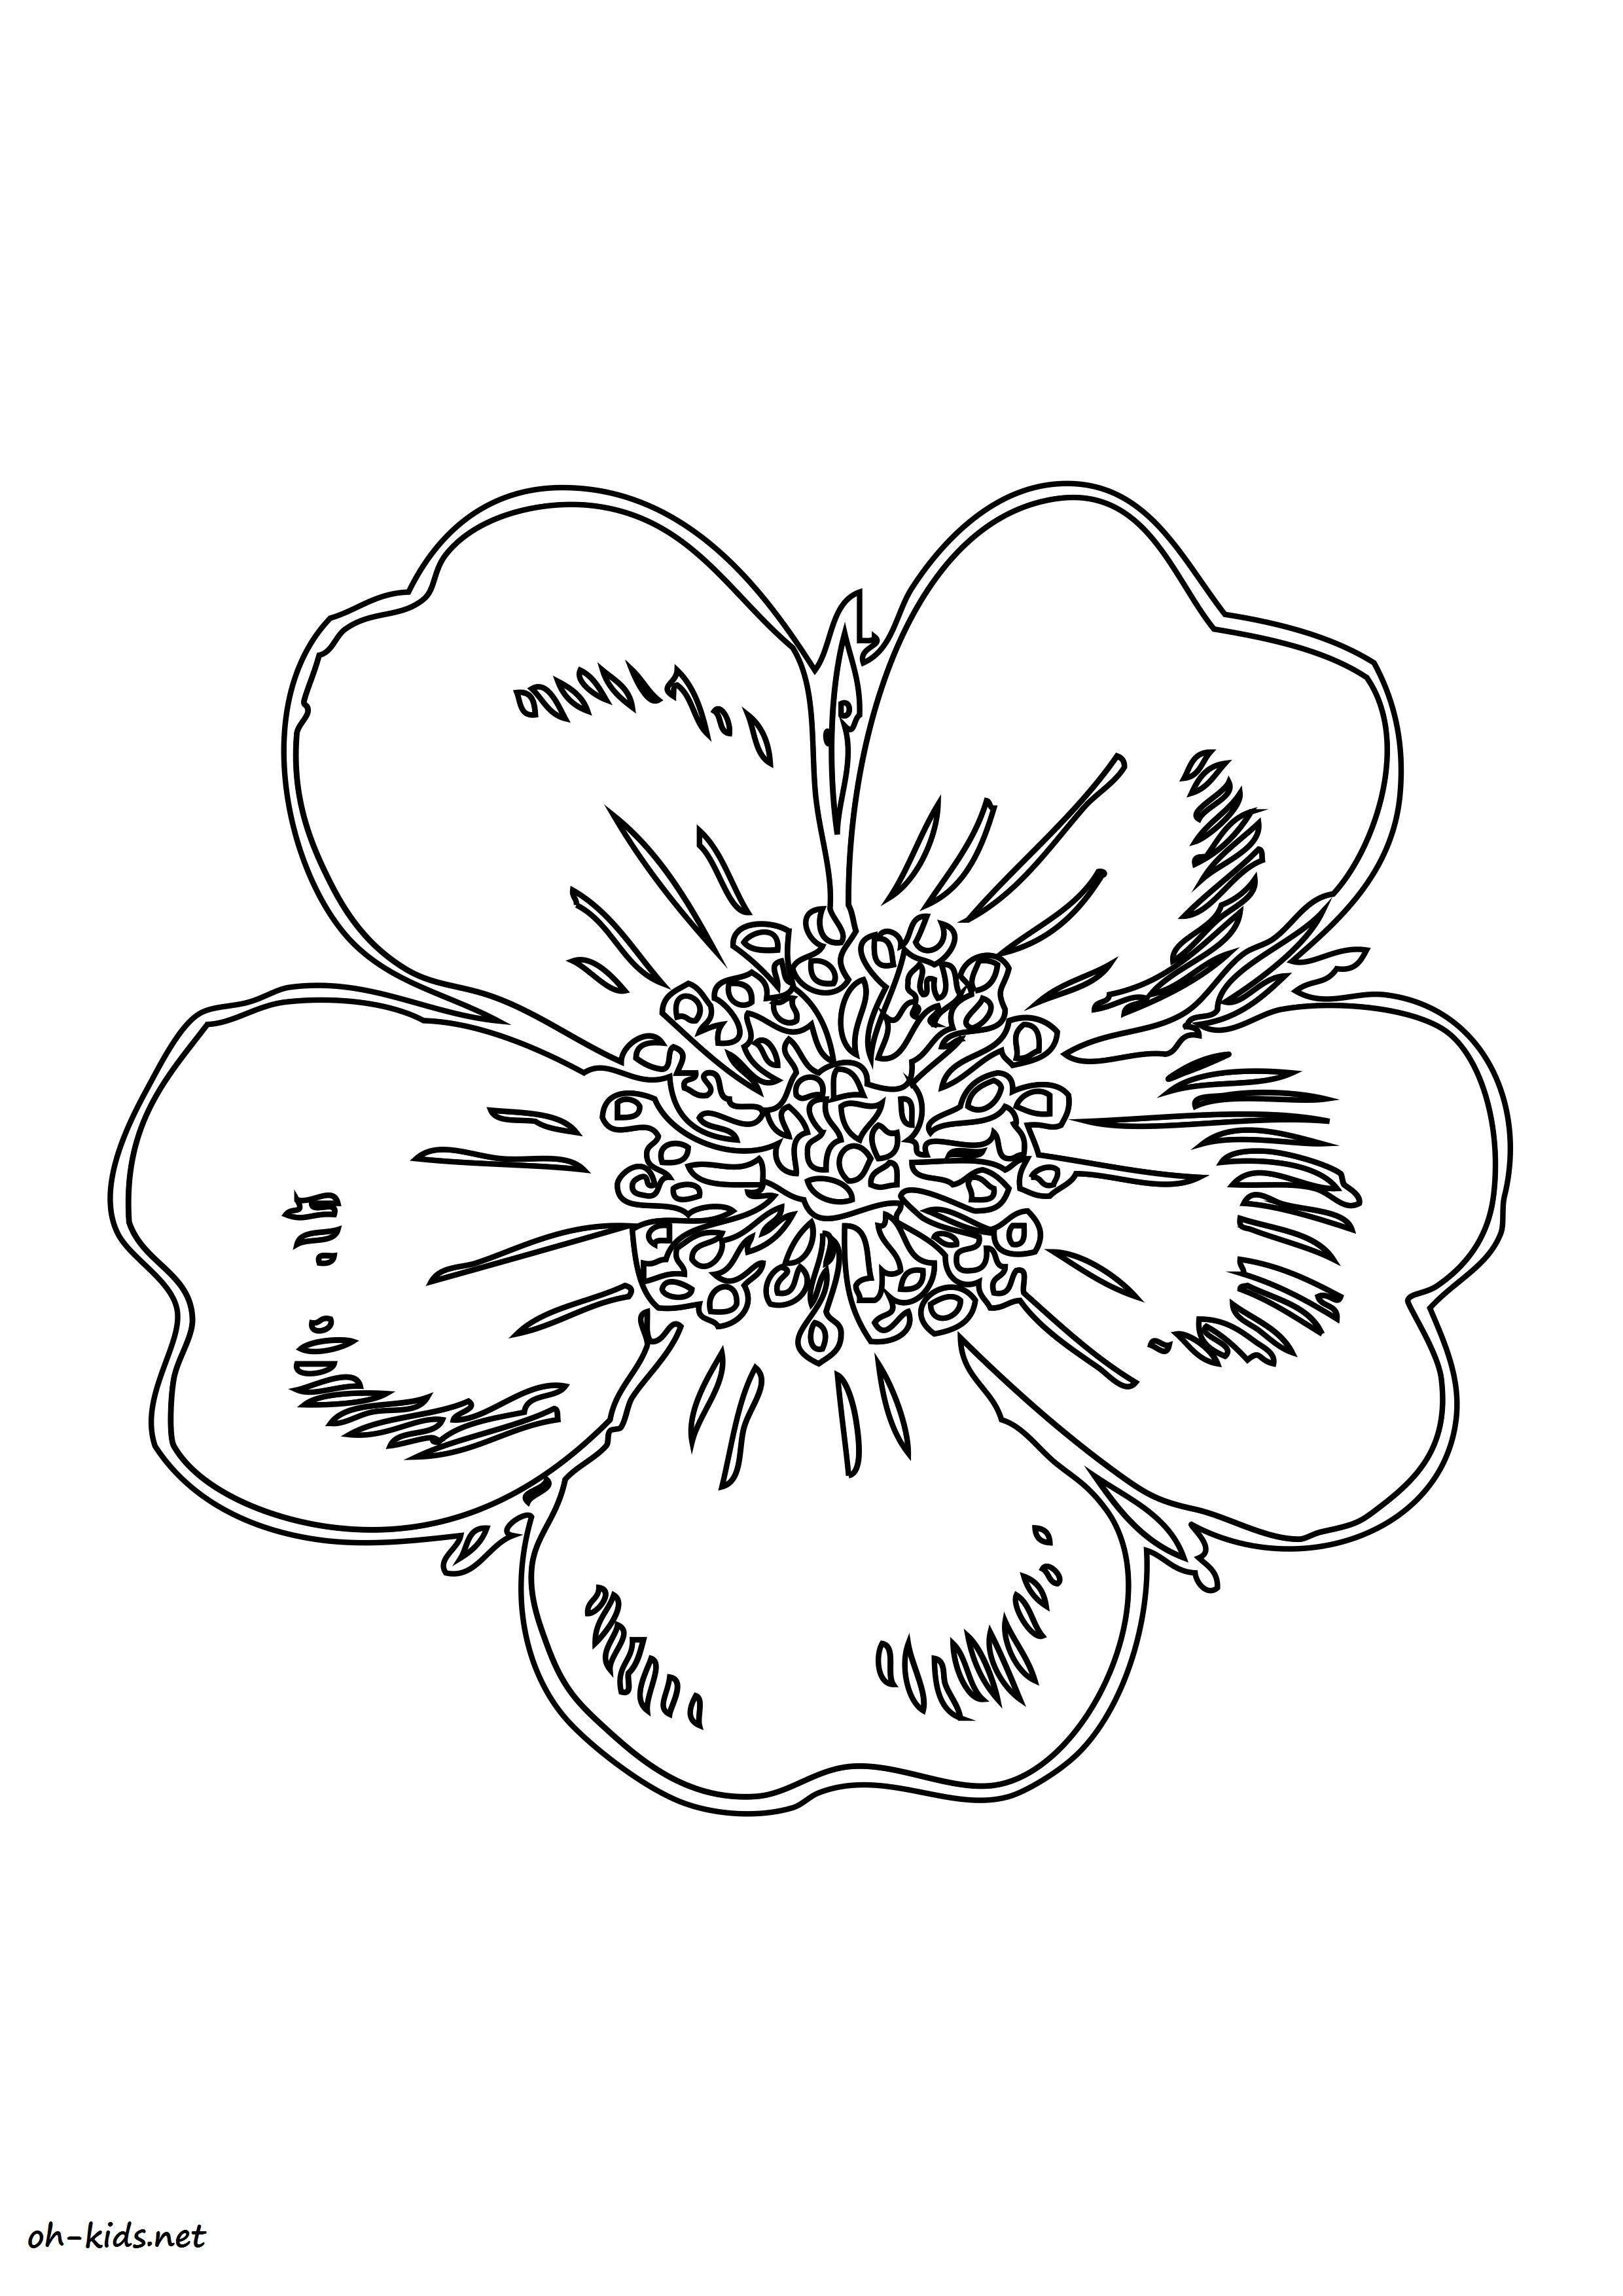 activité de coloriage roses a colorier - Dessin #1466